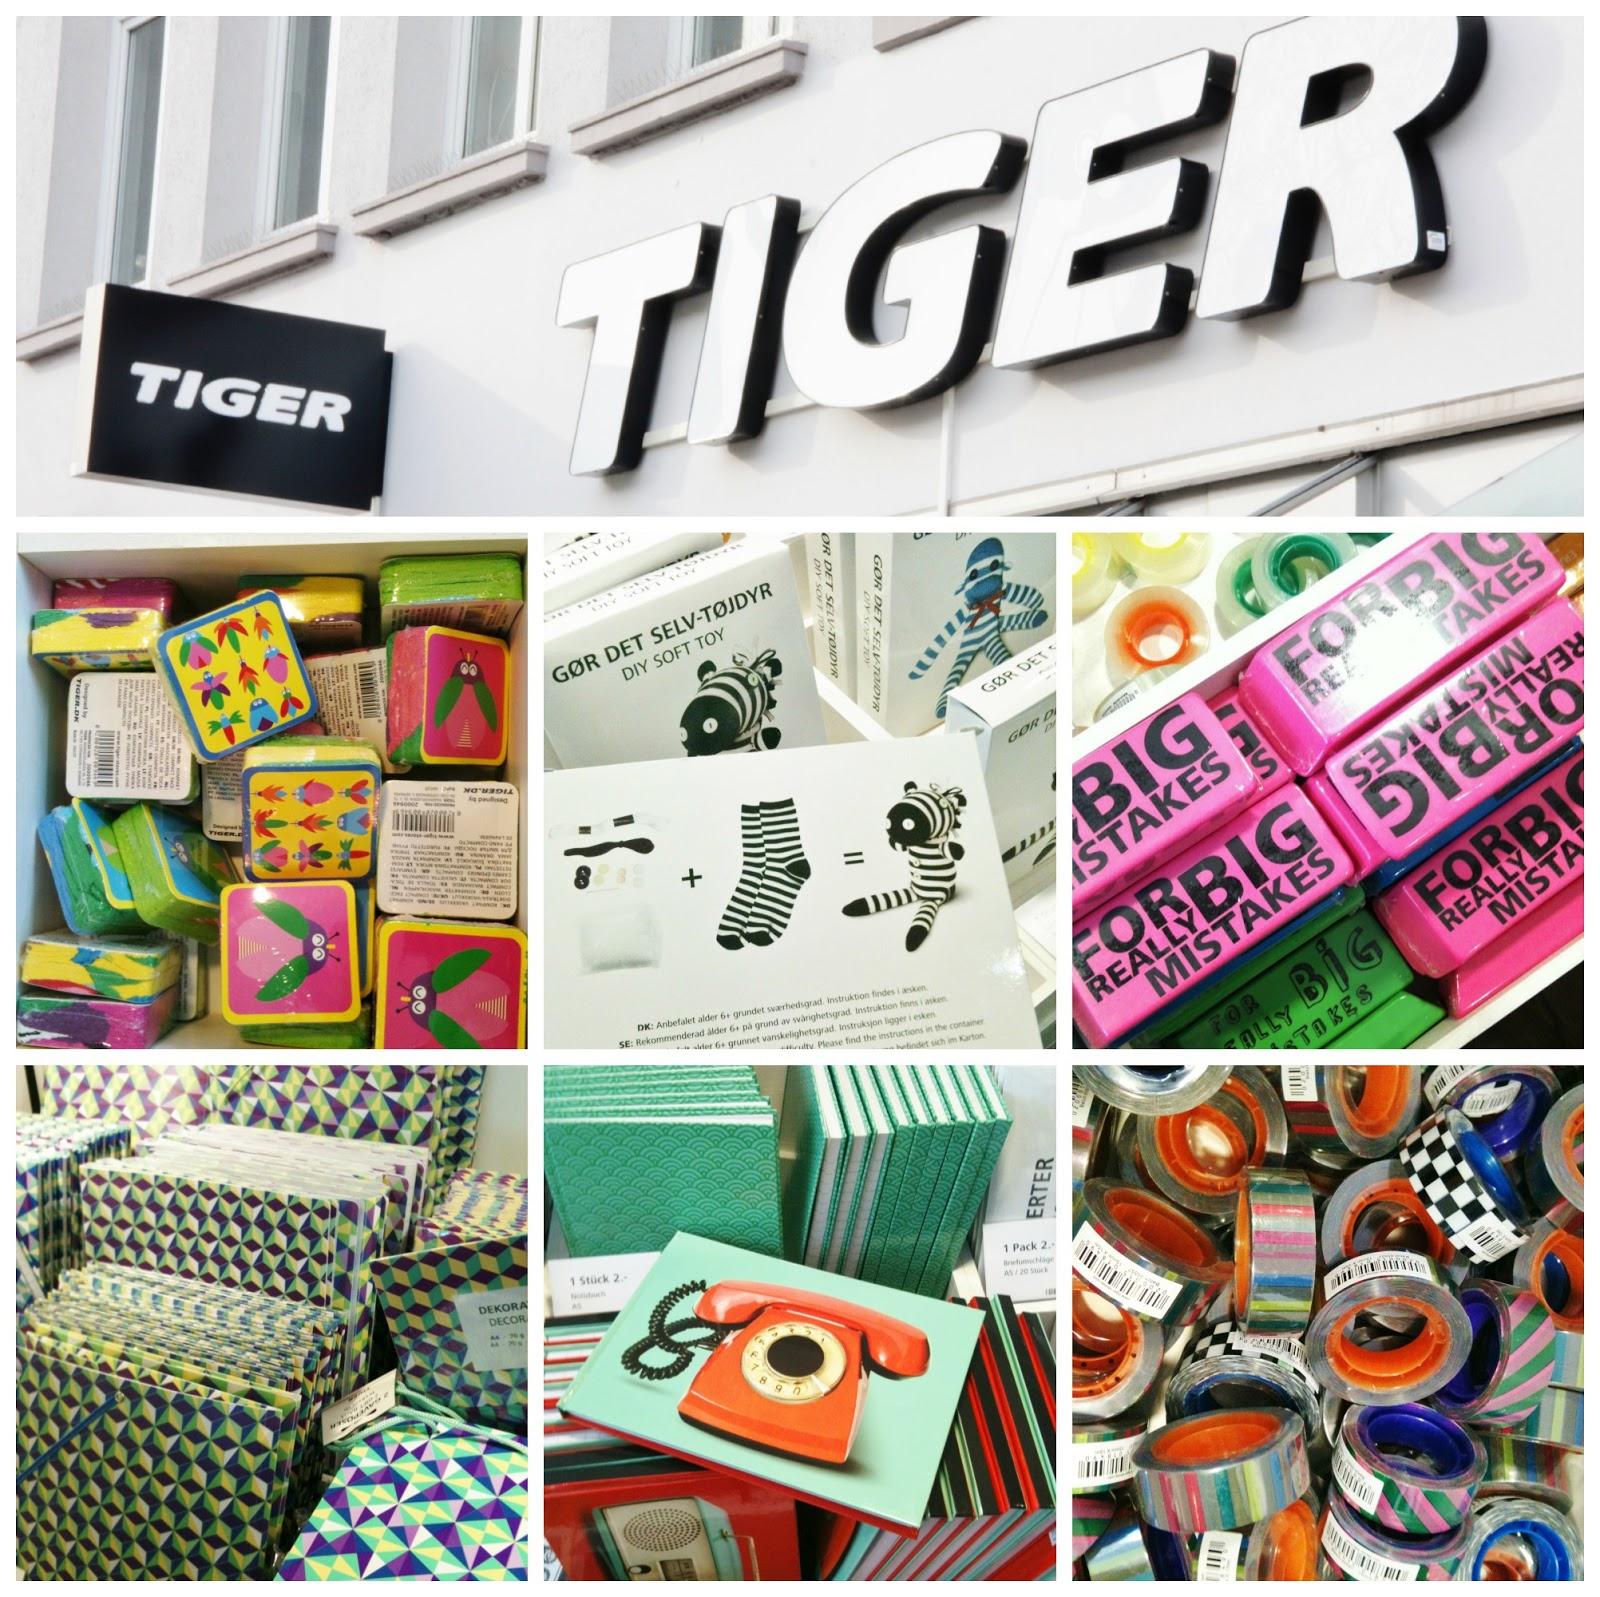 Tiger empresa de decoraci n y regalos abre el proceso de - Empresas de decoracion ...